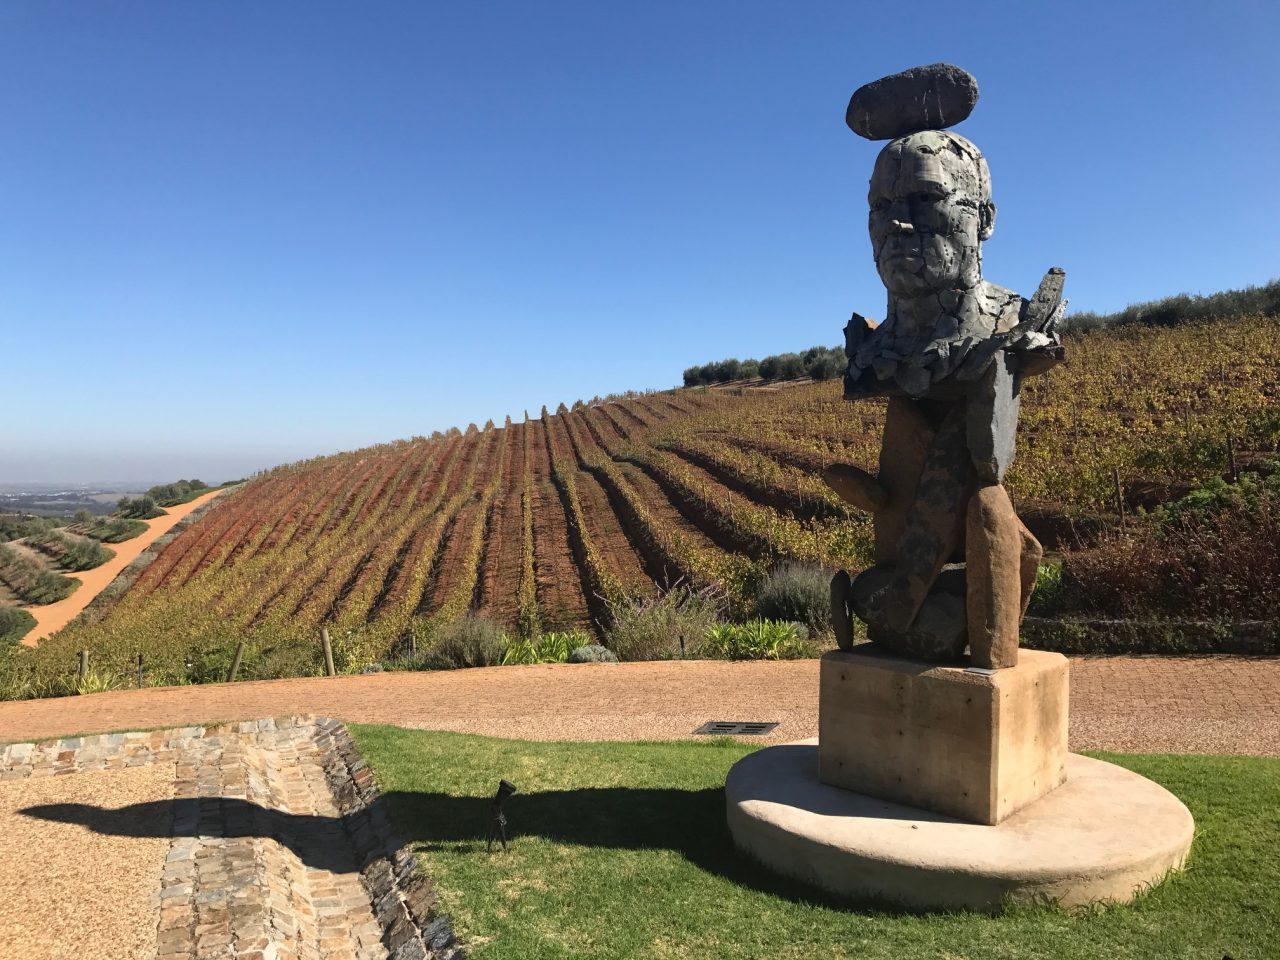 Esculturas no meio das vinhas na vinícola Tokara, África do Sul - foto: Renato Salles